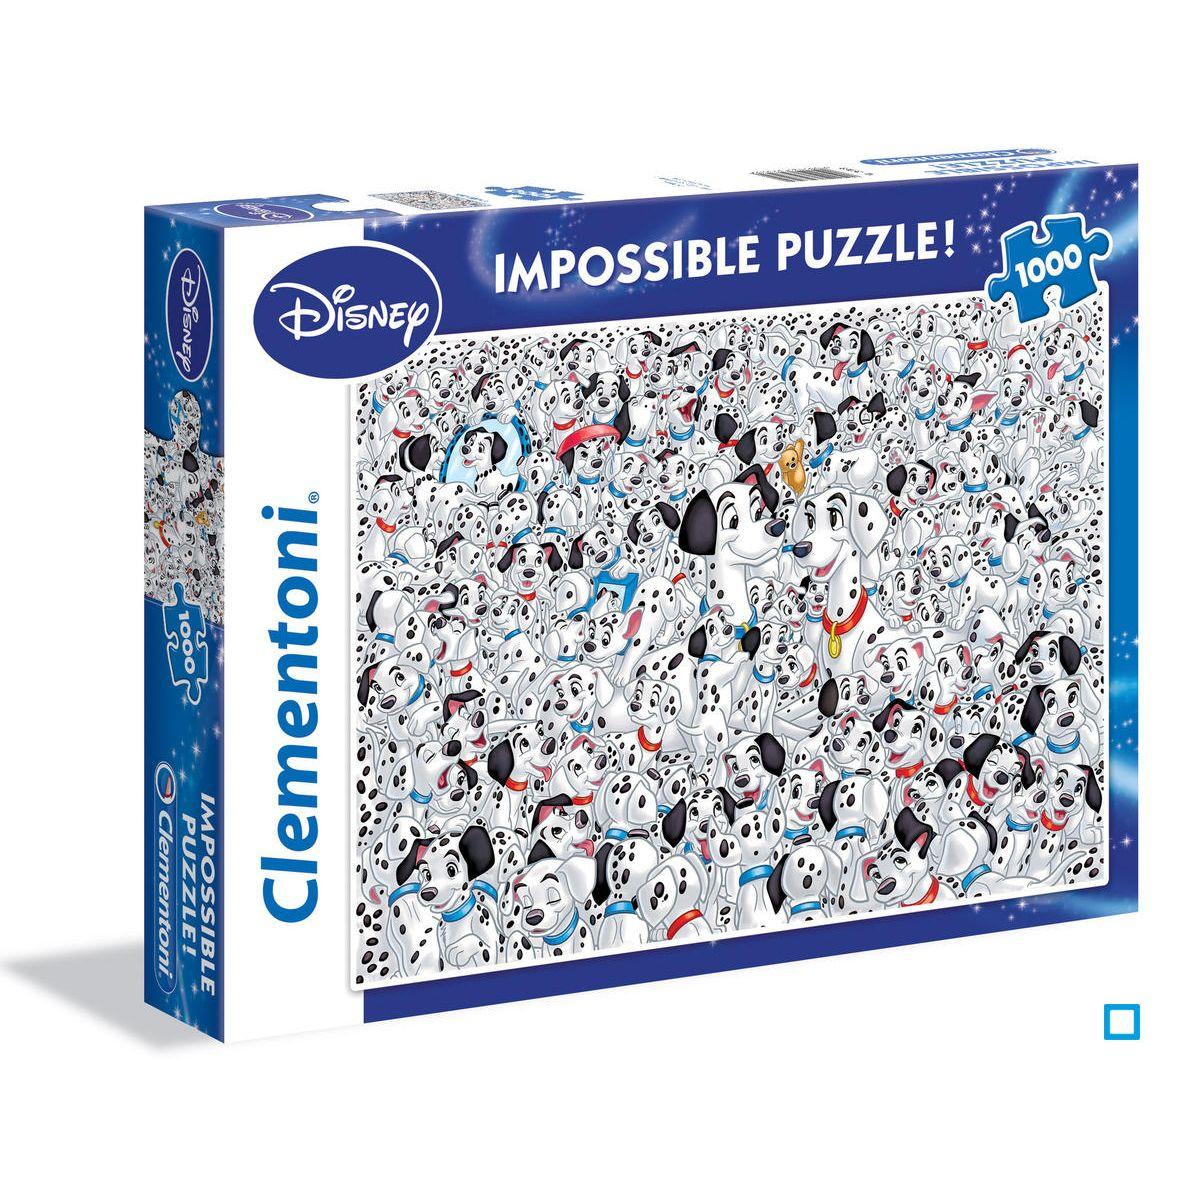 Puzzle Impossible 1000 Pièces - 101 Dalmatians   Impossible encequiconcerne Puzzle En Ligne Enfant